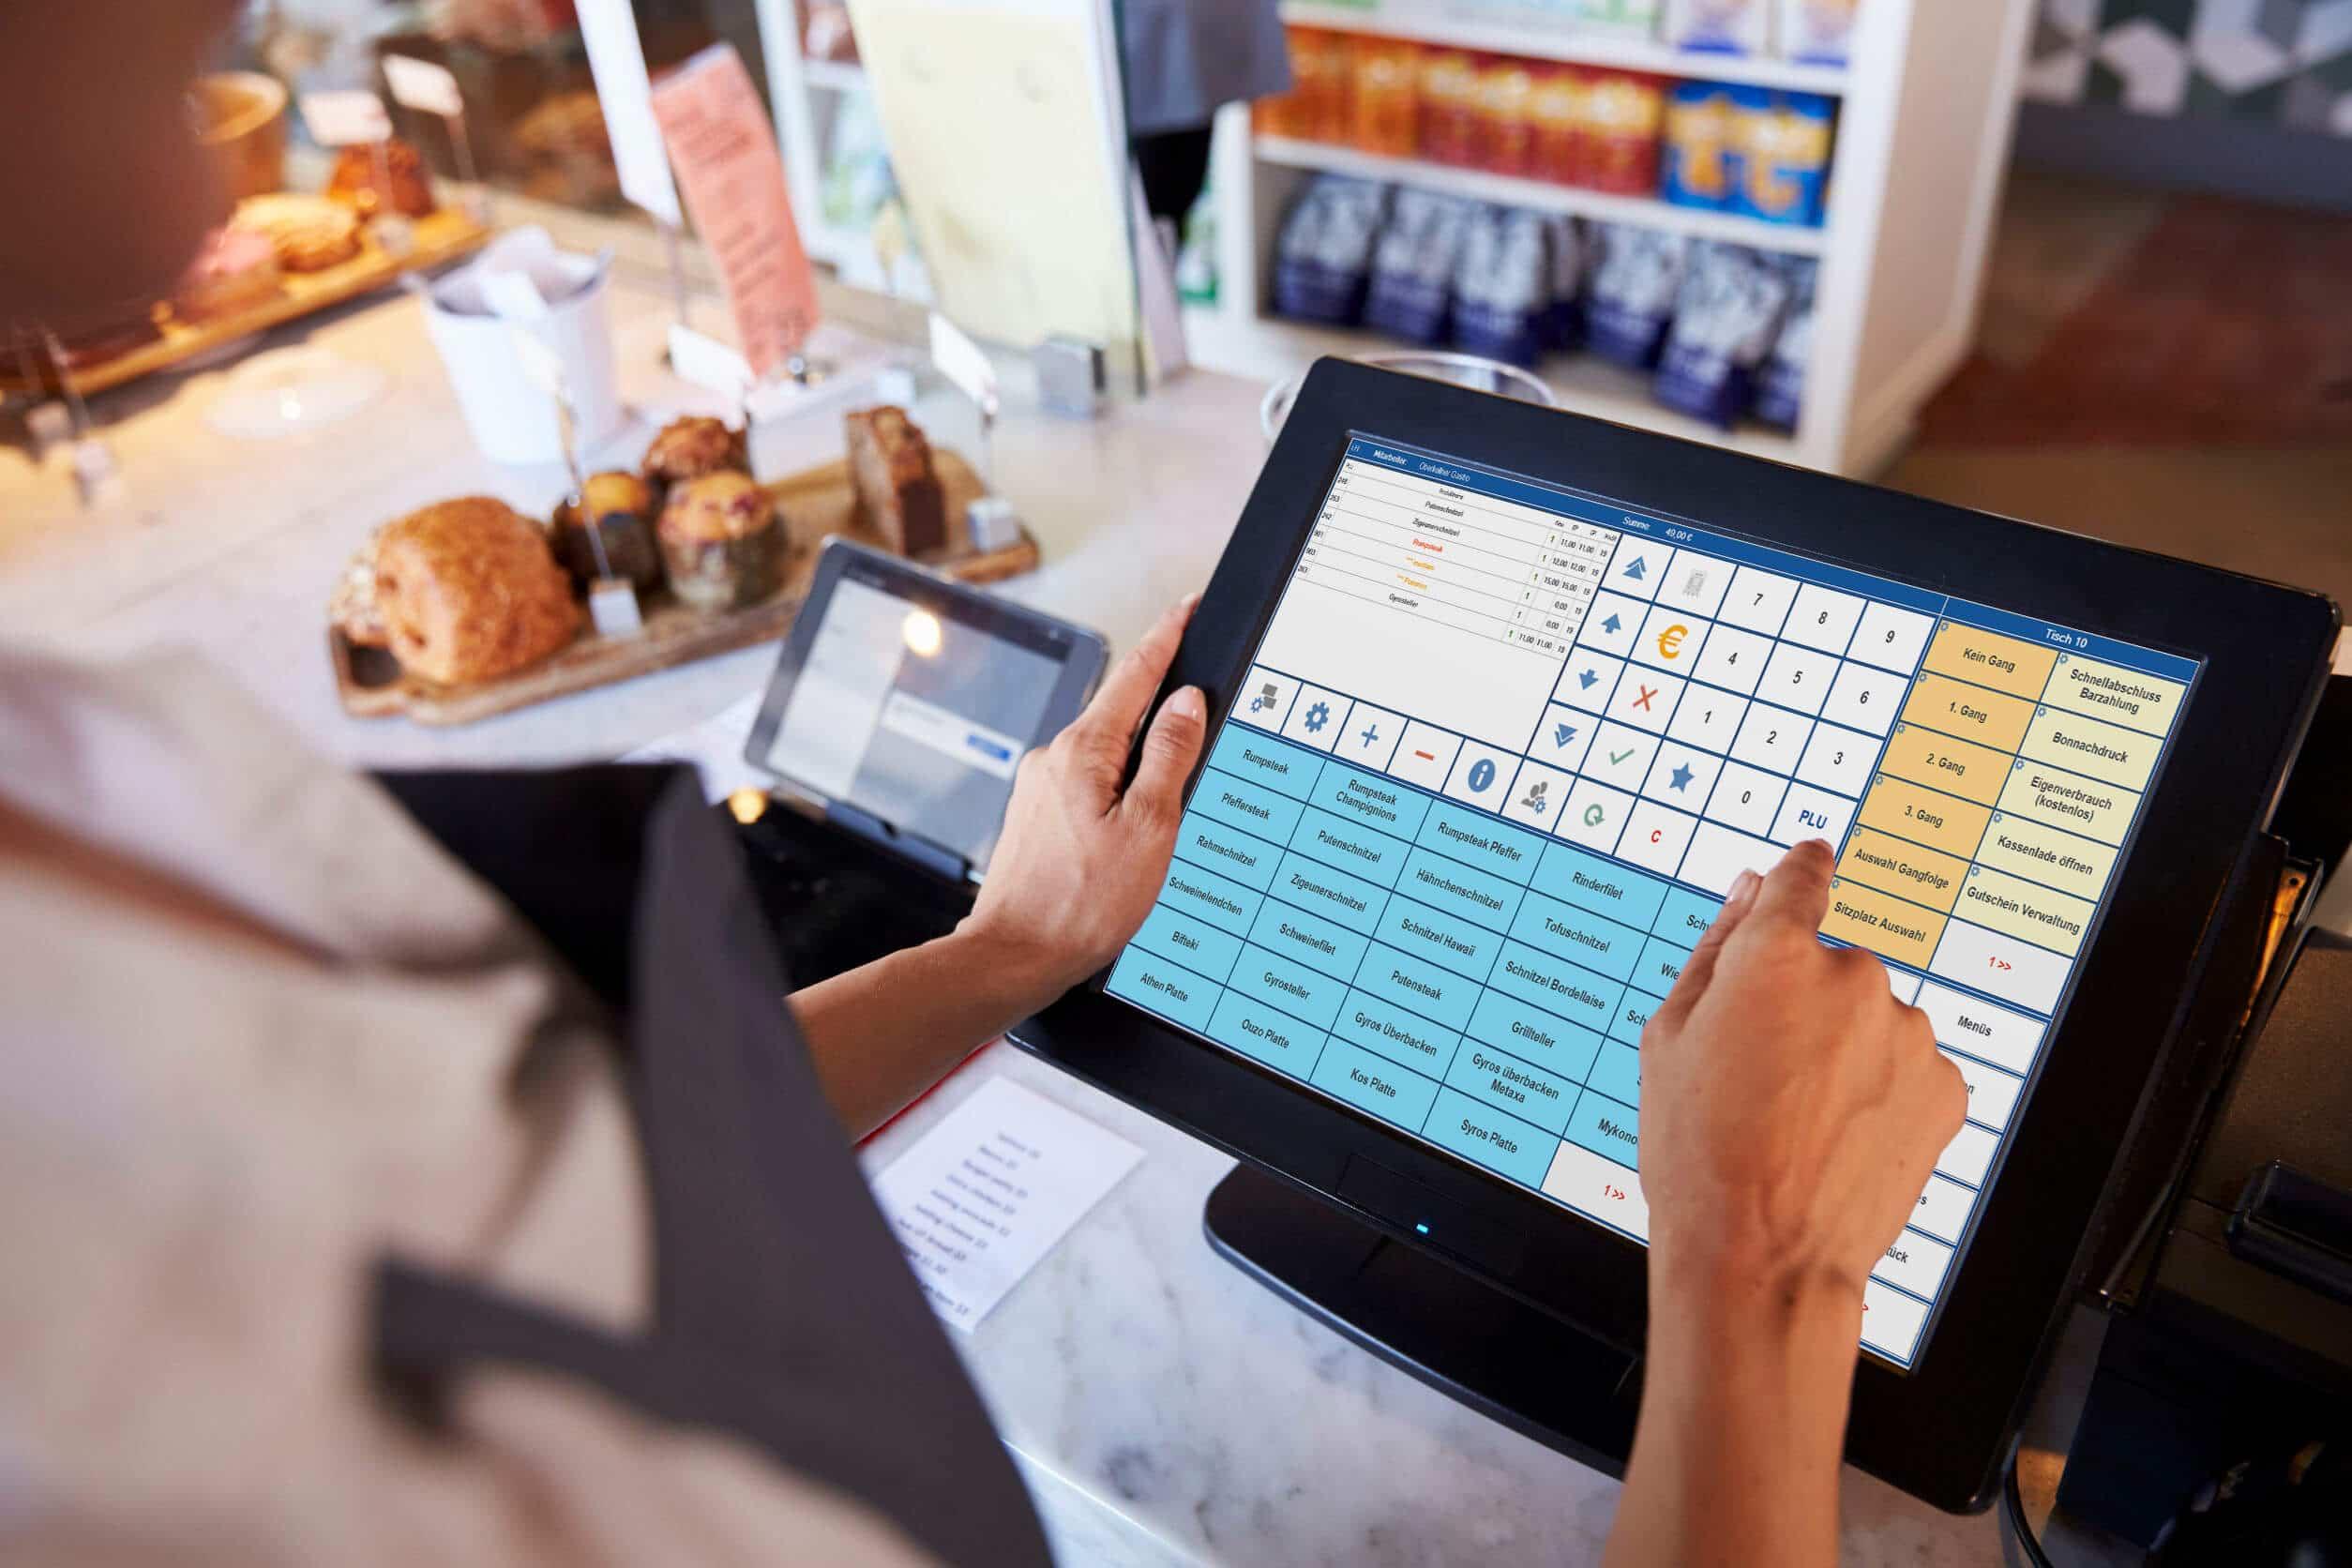 Nahaufnahme einer Mitarbeiterin, die an der Feinkostkasse (Shop) mit der PosSoft Kassensoftware des Kassenterminals arbeitet